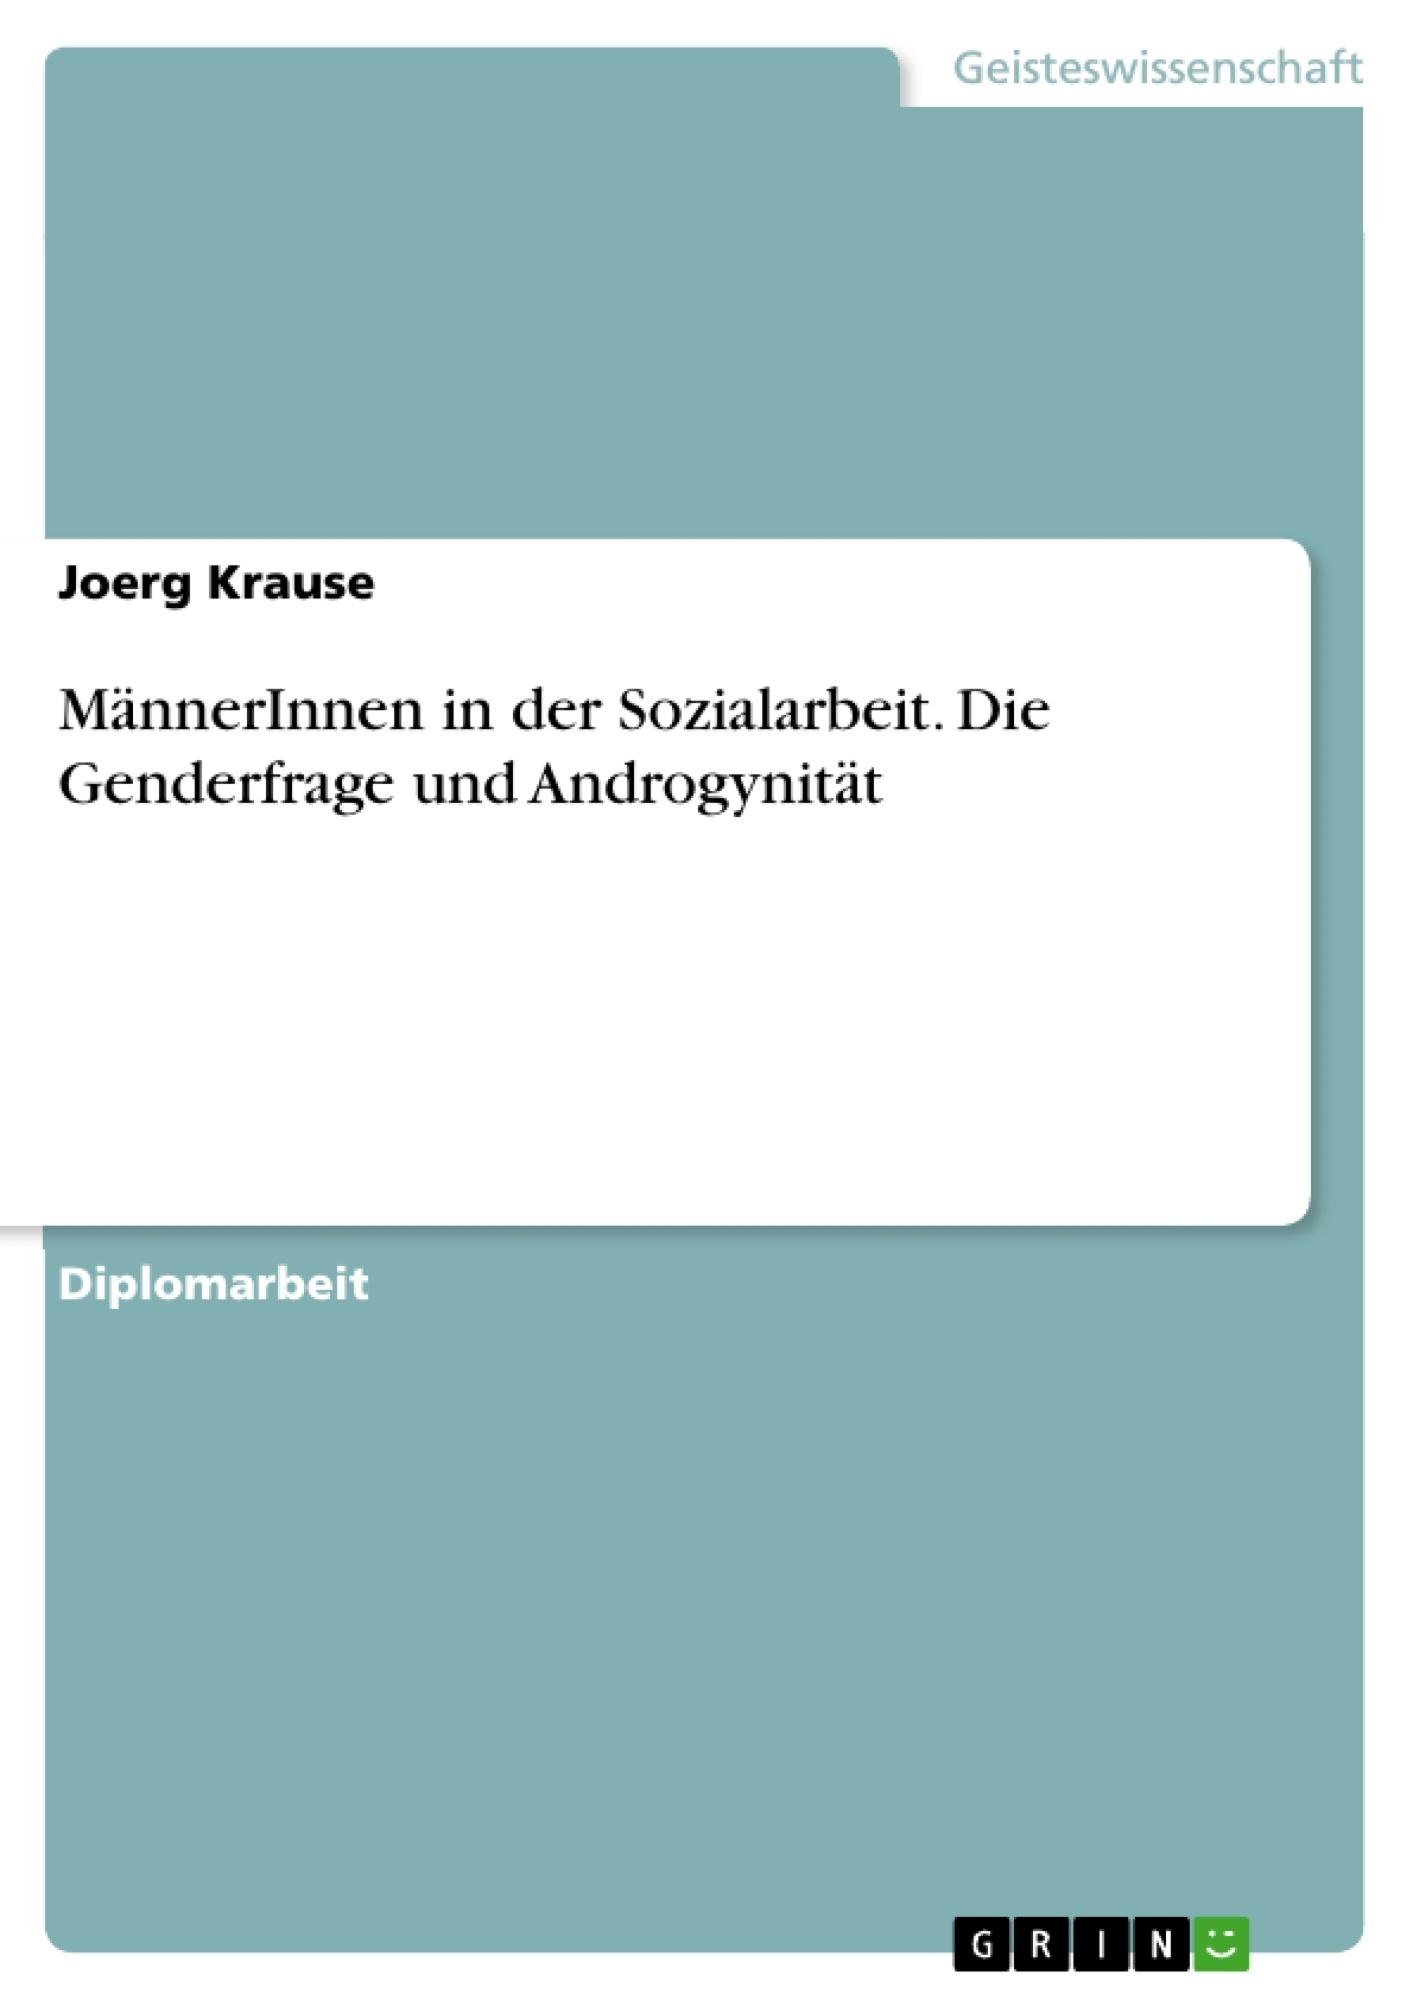 Titel: MännerInnen in der Sozialarbeit. Die Genderfrage und Androgynität